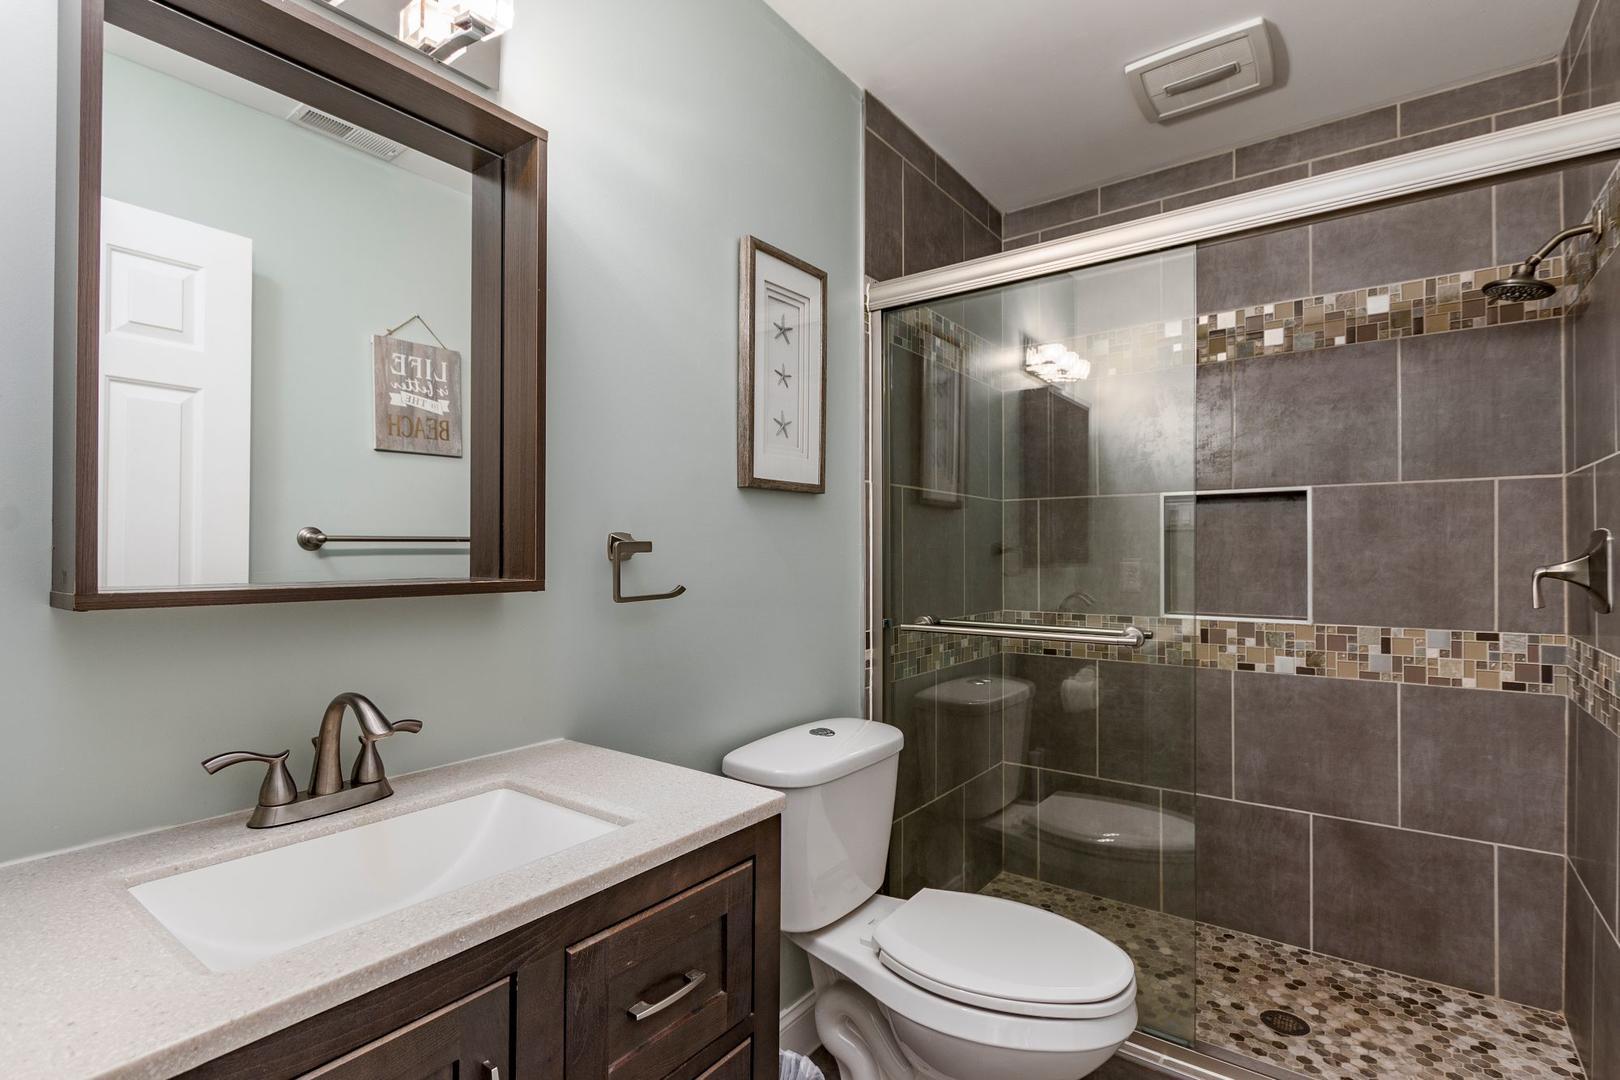 Channel Buoy Retreat - Bathroom 2